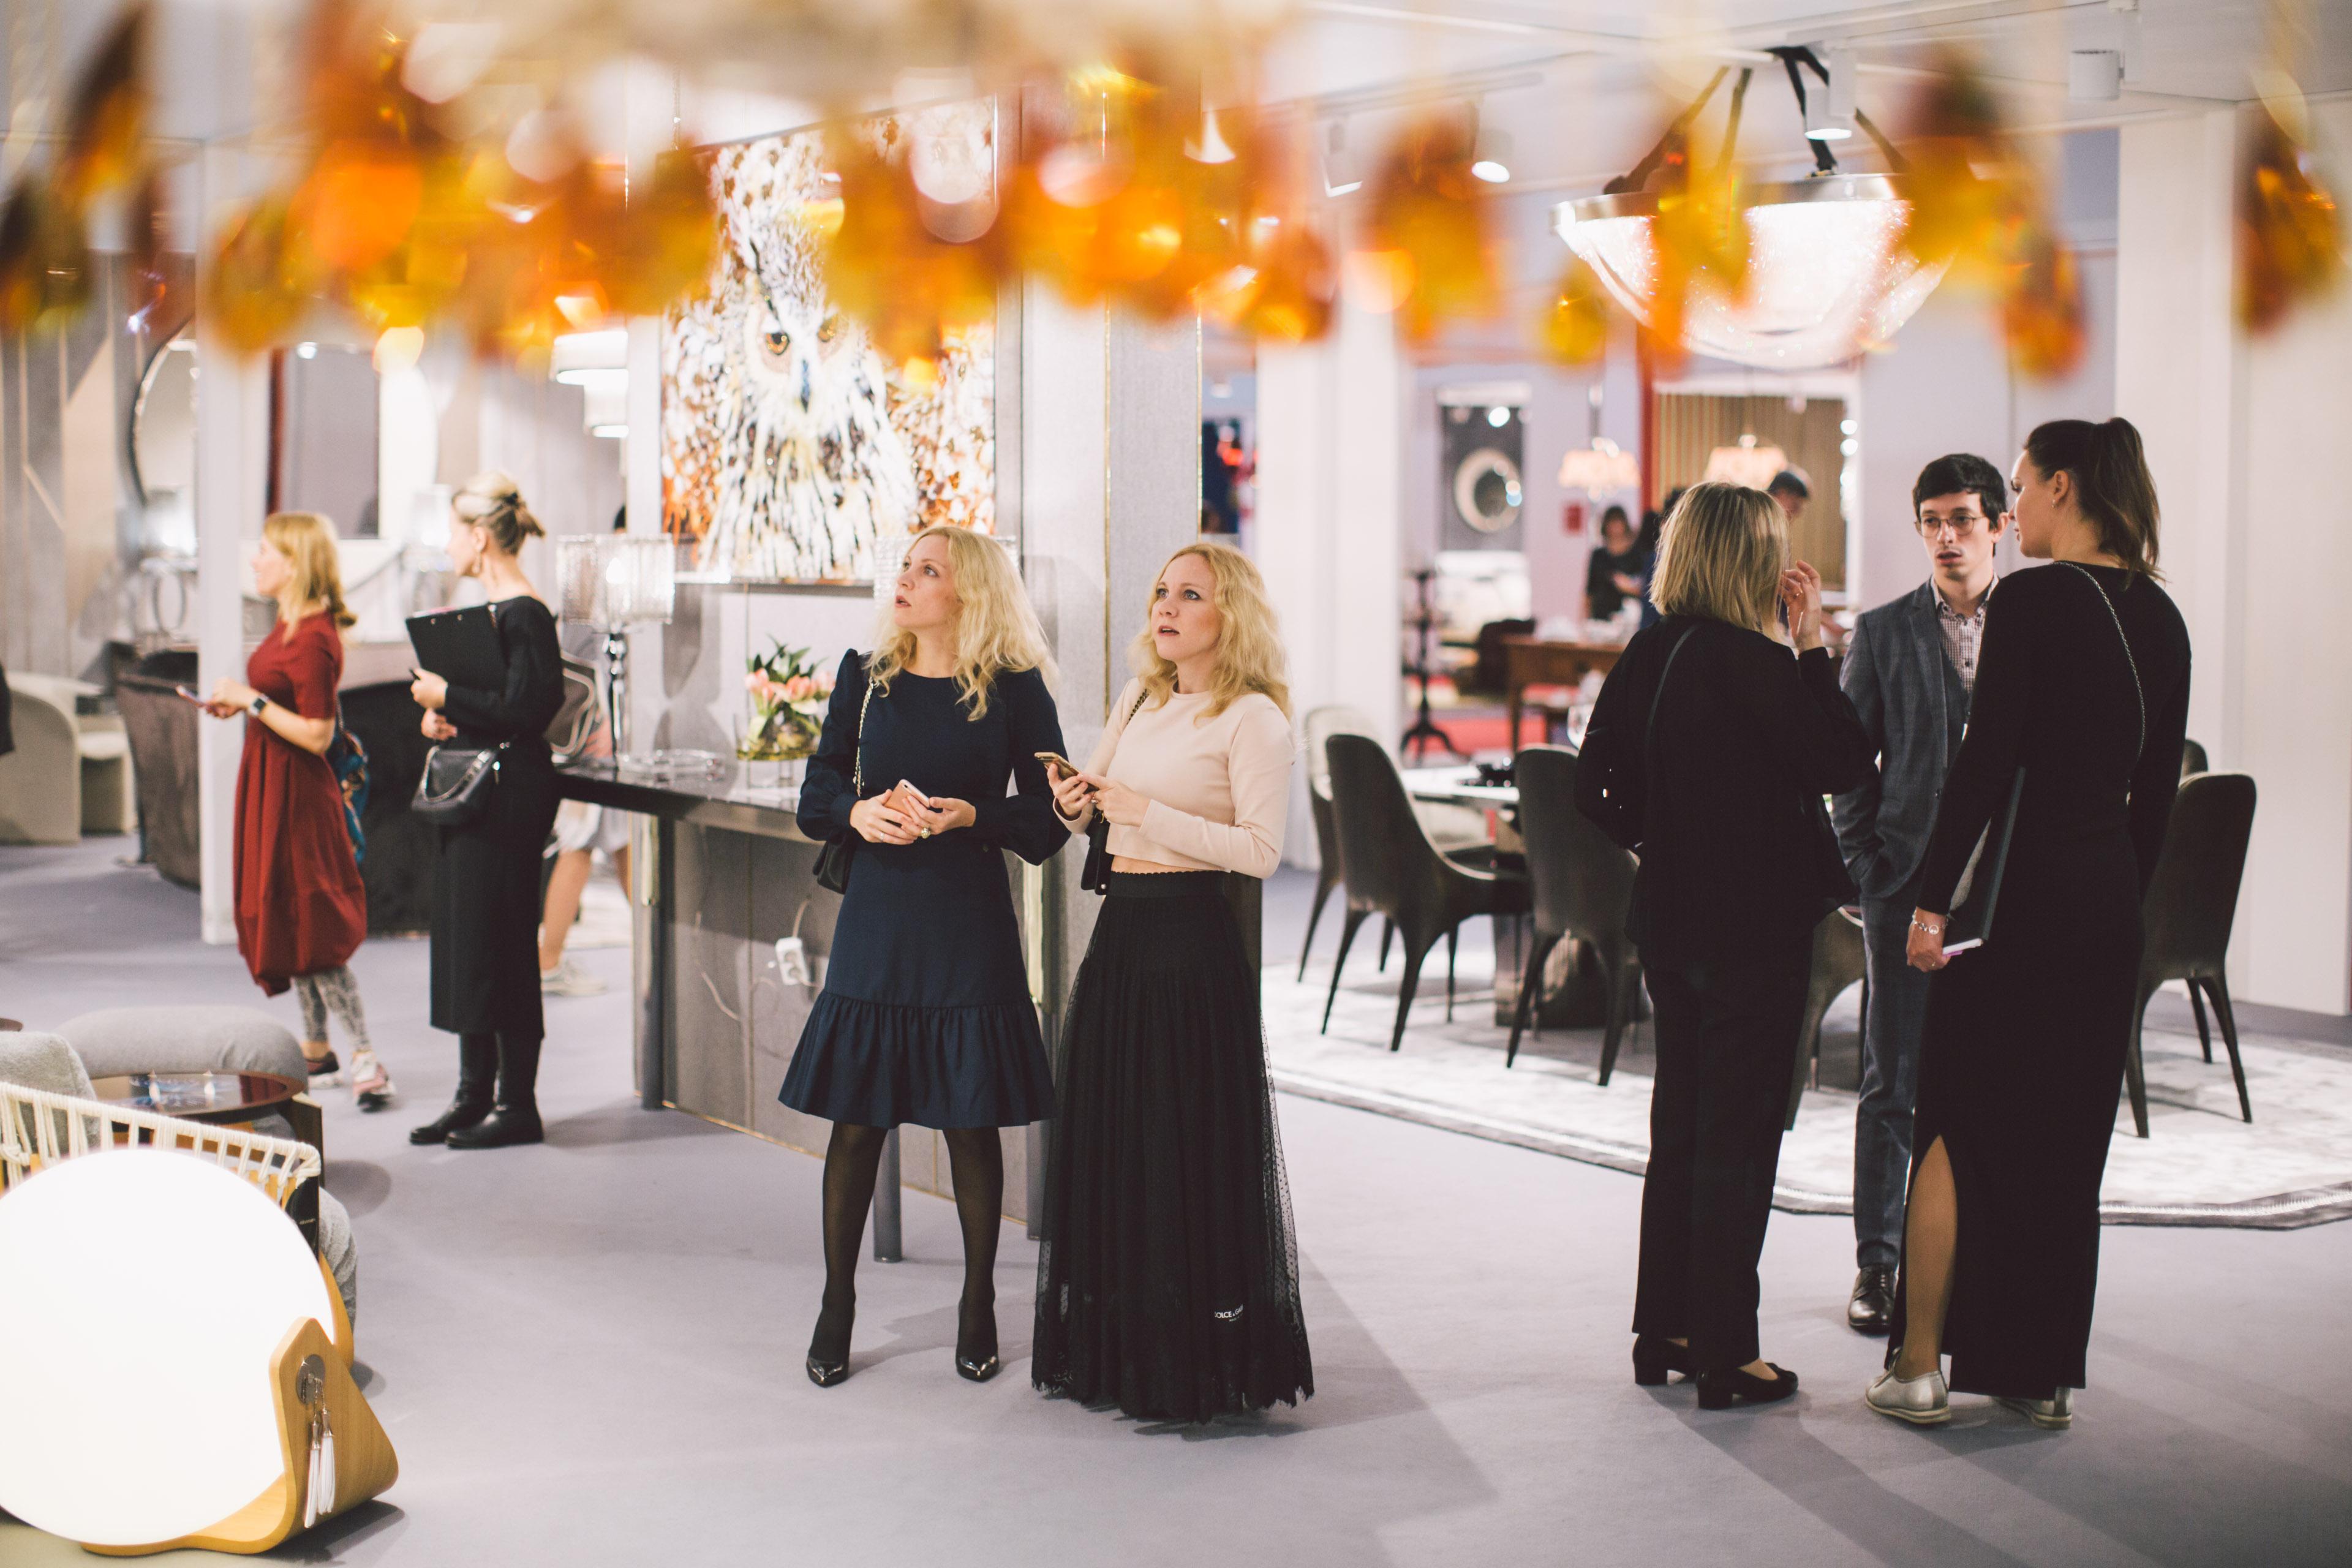 Fiera Del Mobile Colonia 2018 fiere d'autunno fra europa ed asia: design italiano sempre